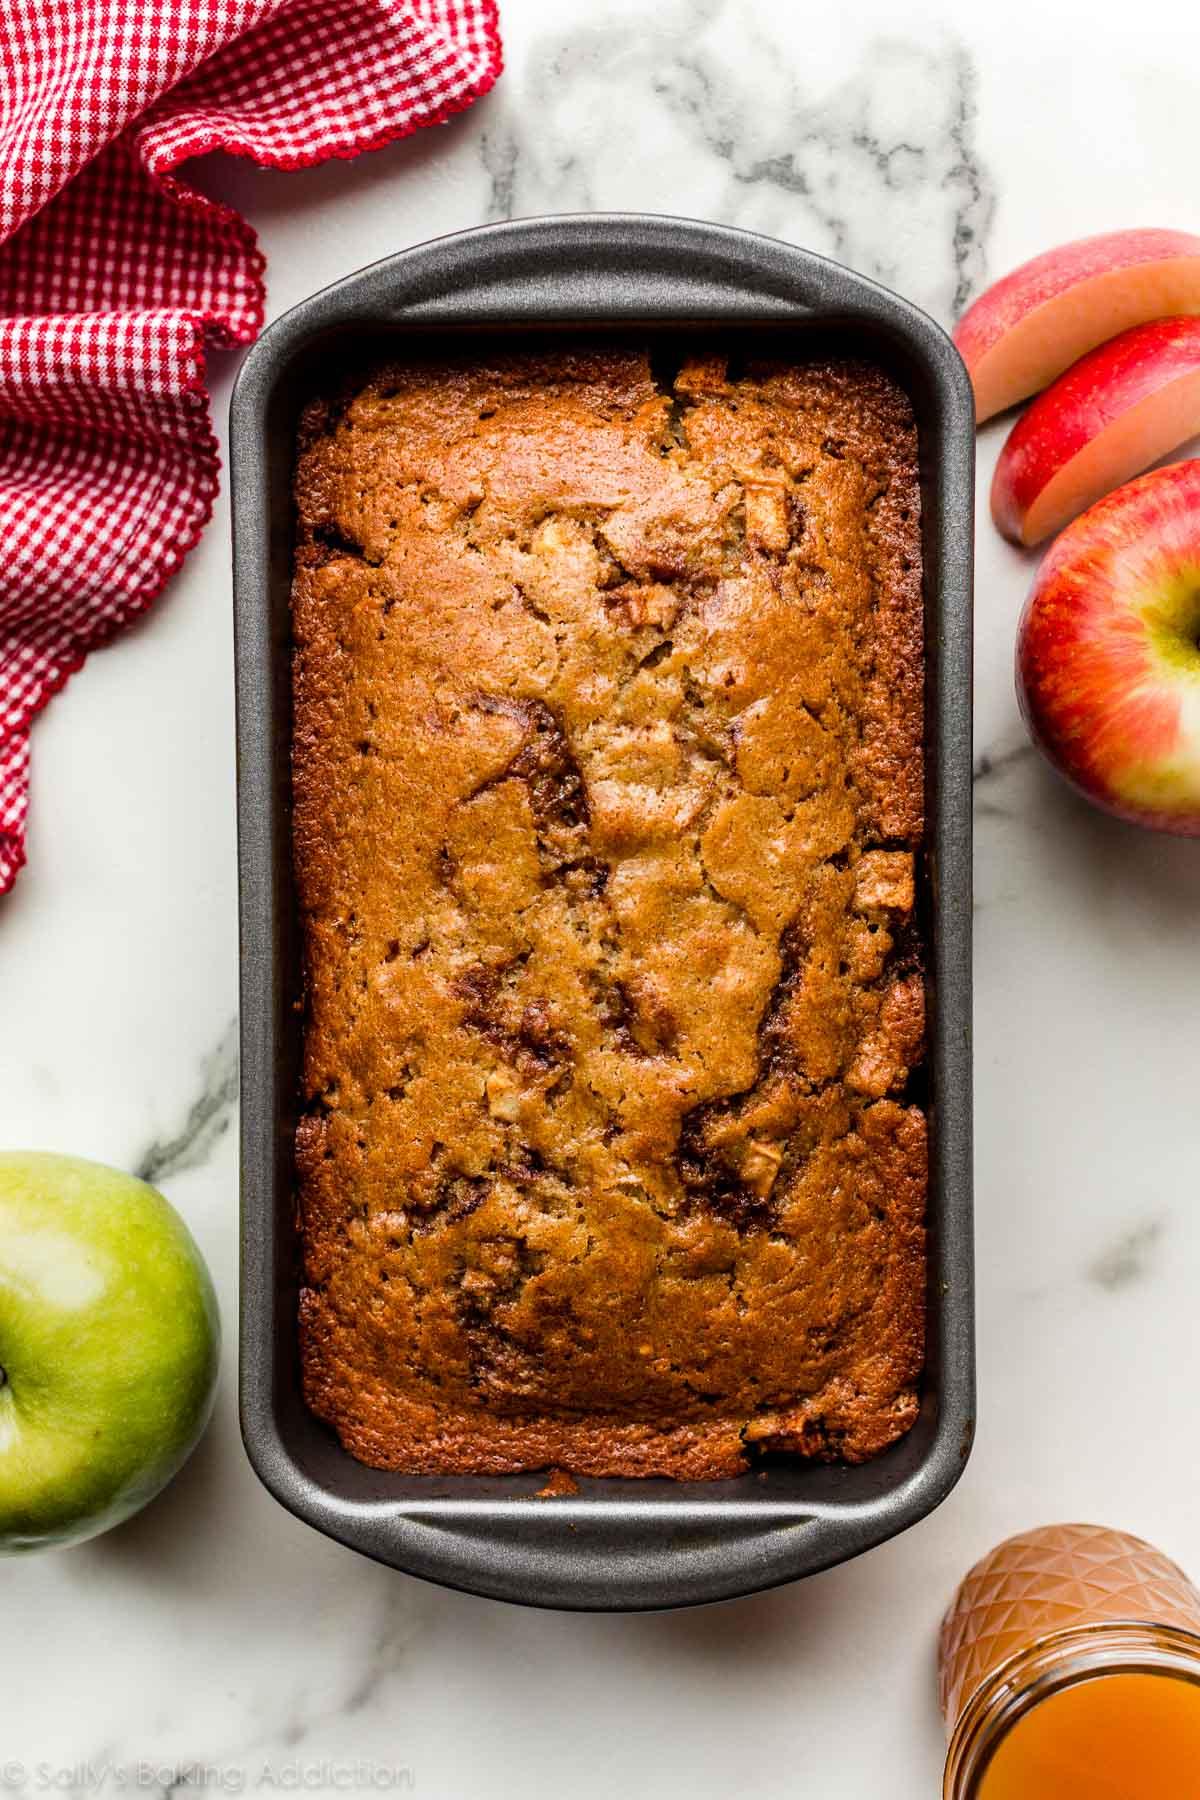 pain rapide aux pommes et à la cannelle dans un moule à pain